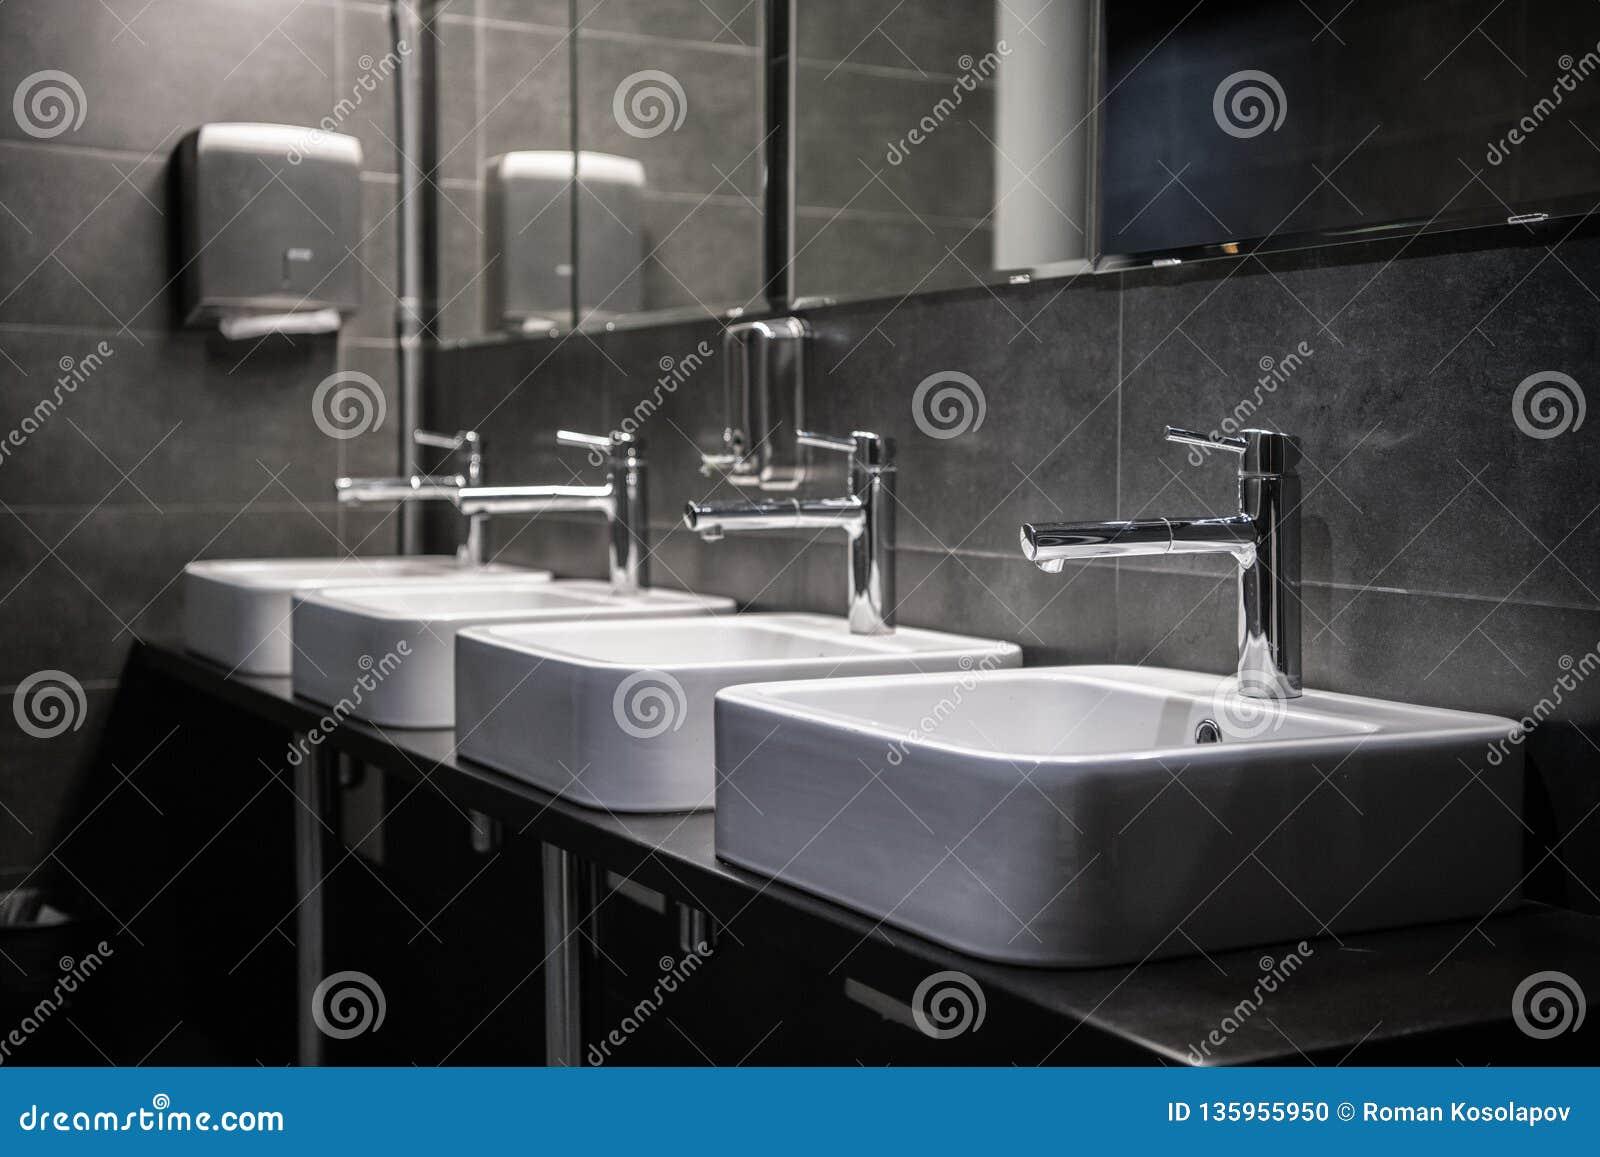 Intérieur d une toilette publique moderne de salle de bains dans des couleurs grises